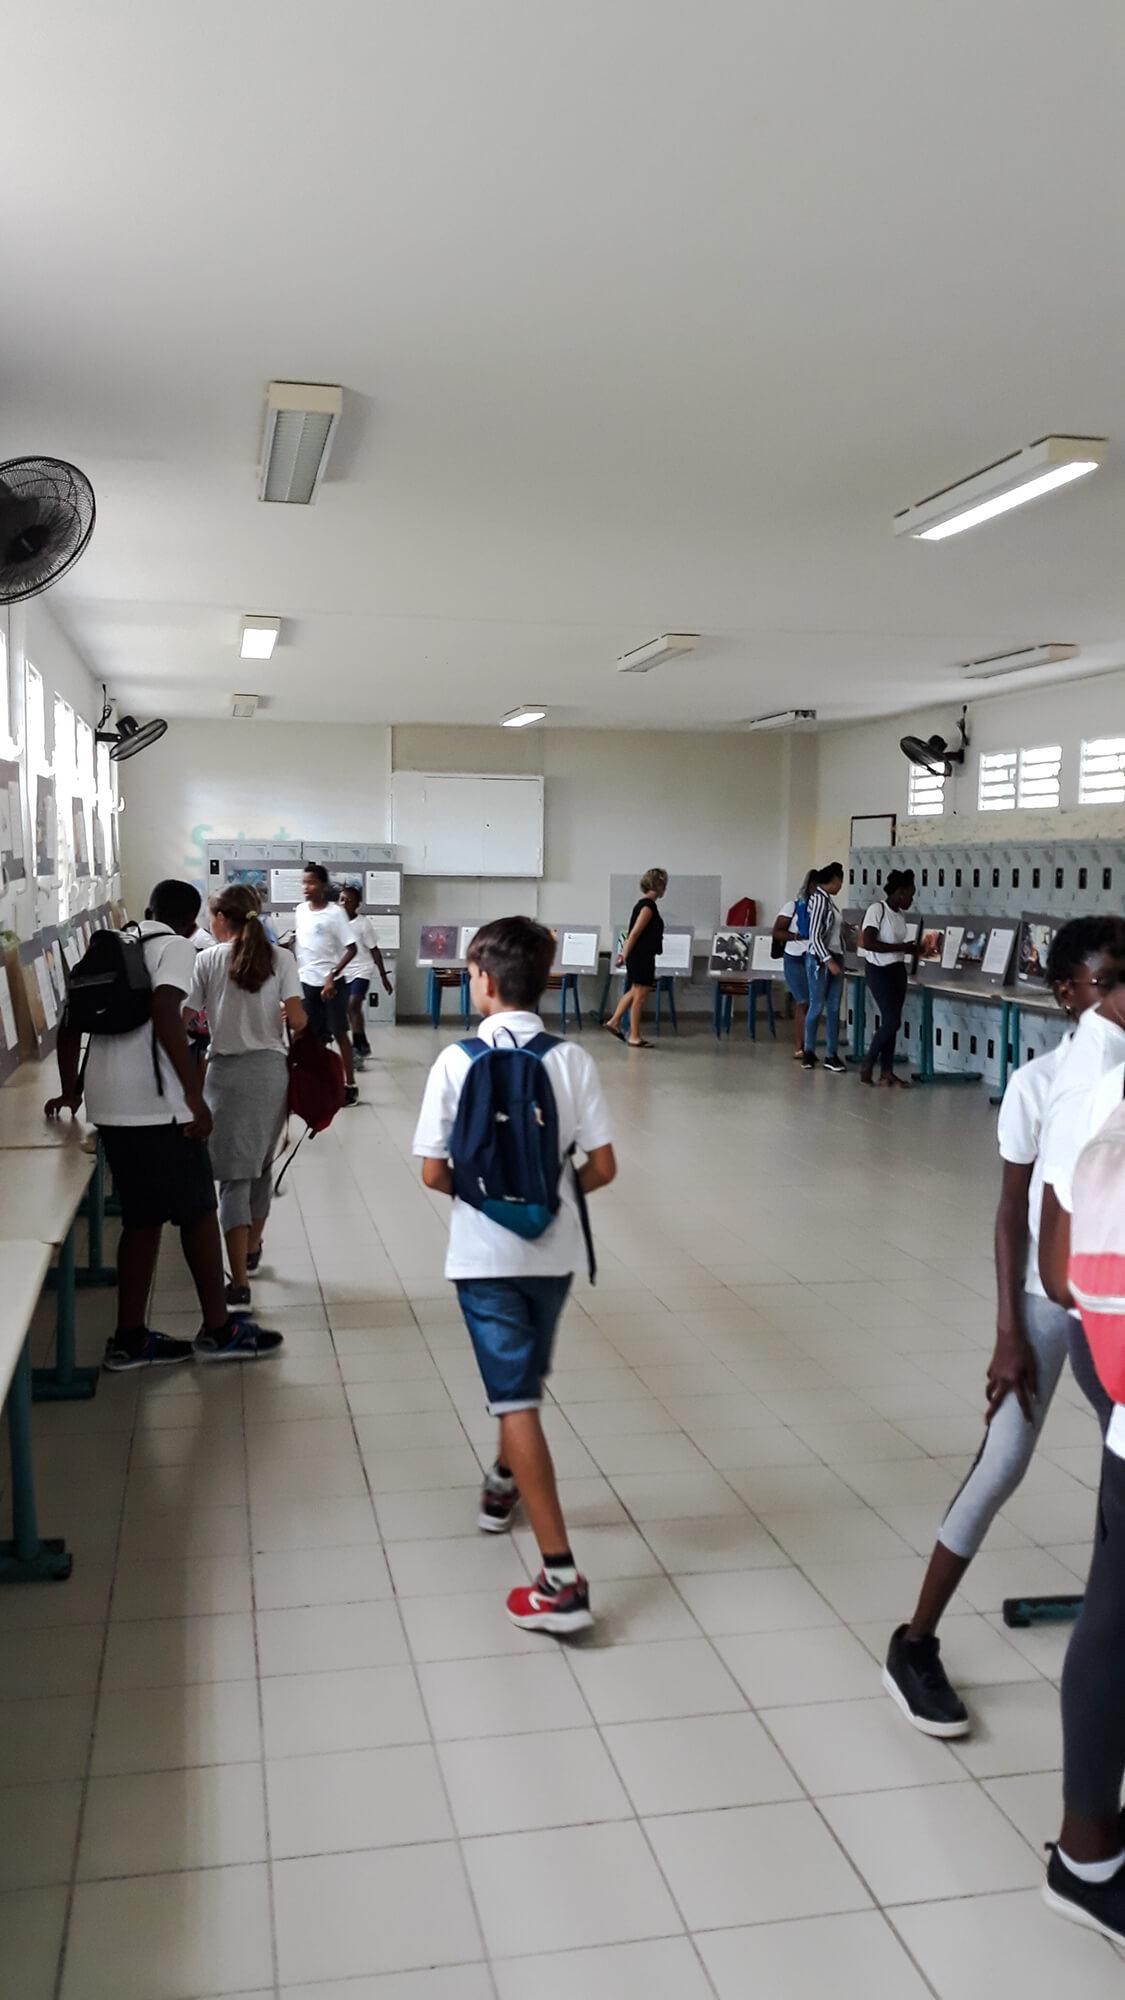 Exposition 57 pour sensibiliser les scolaires aux risques routiers